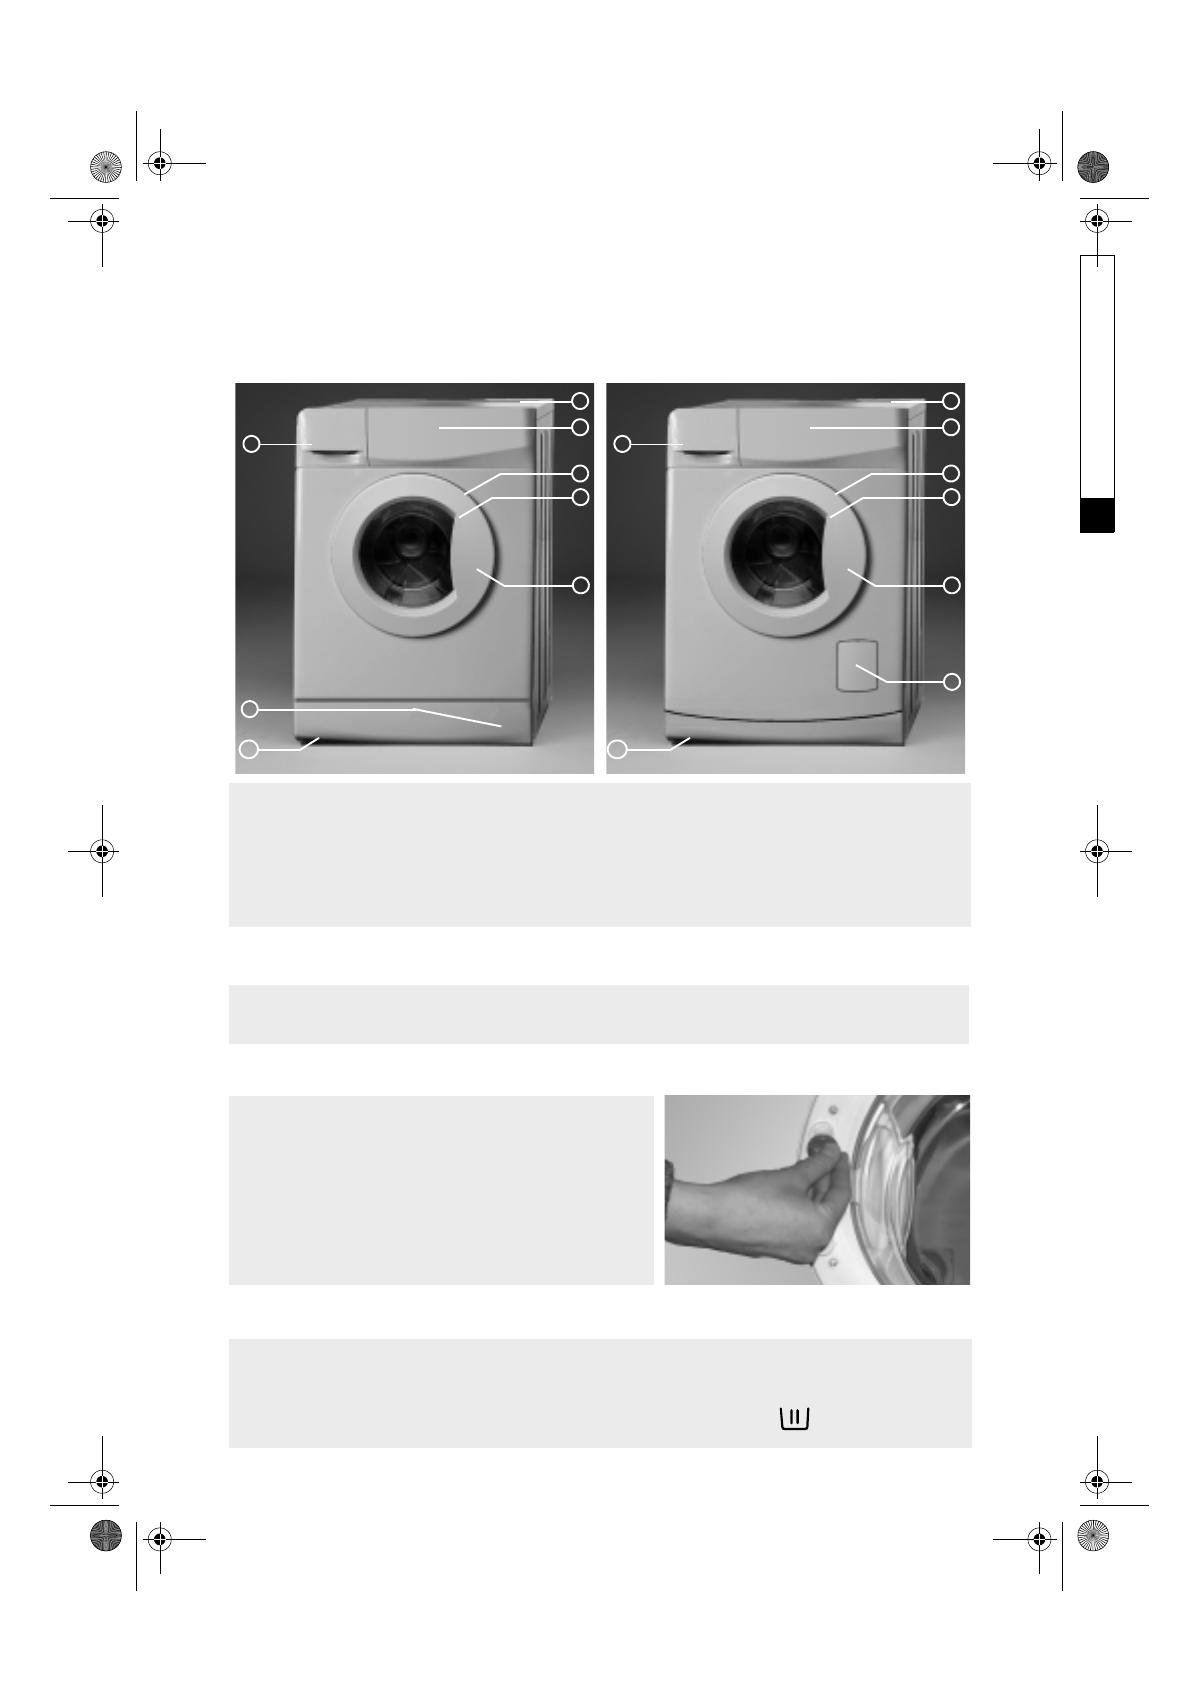 bedienungsanleitung bauknecht wak 12 seite 4 von 13 holl ndisch. Black Bedroom Furniture Sets. Home Design Ideas